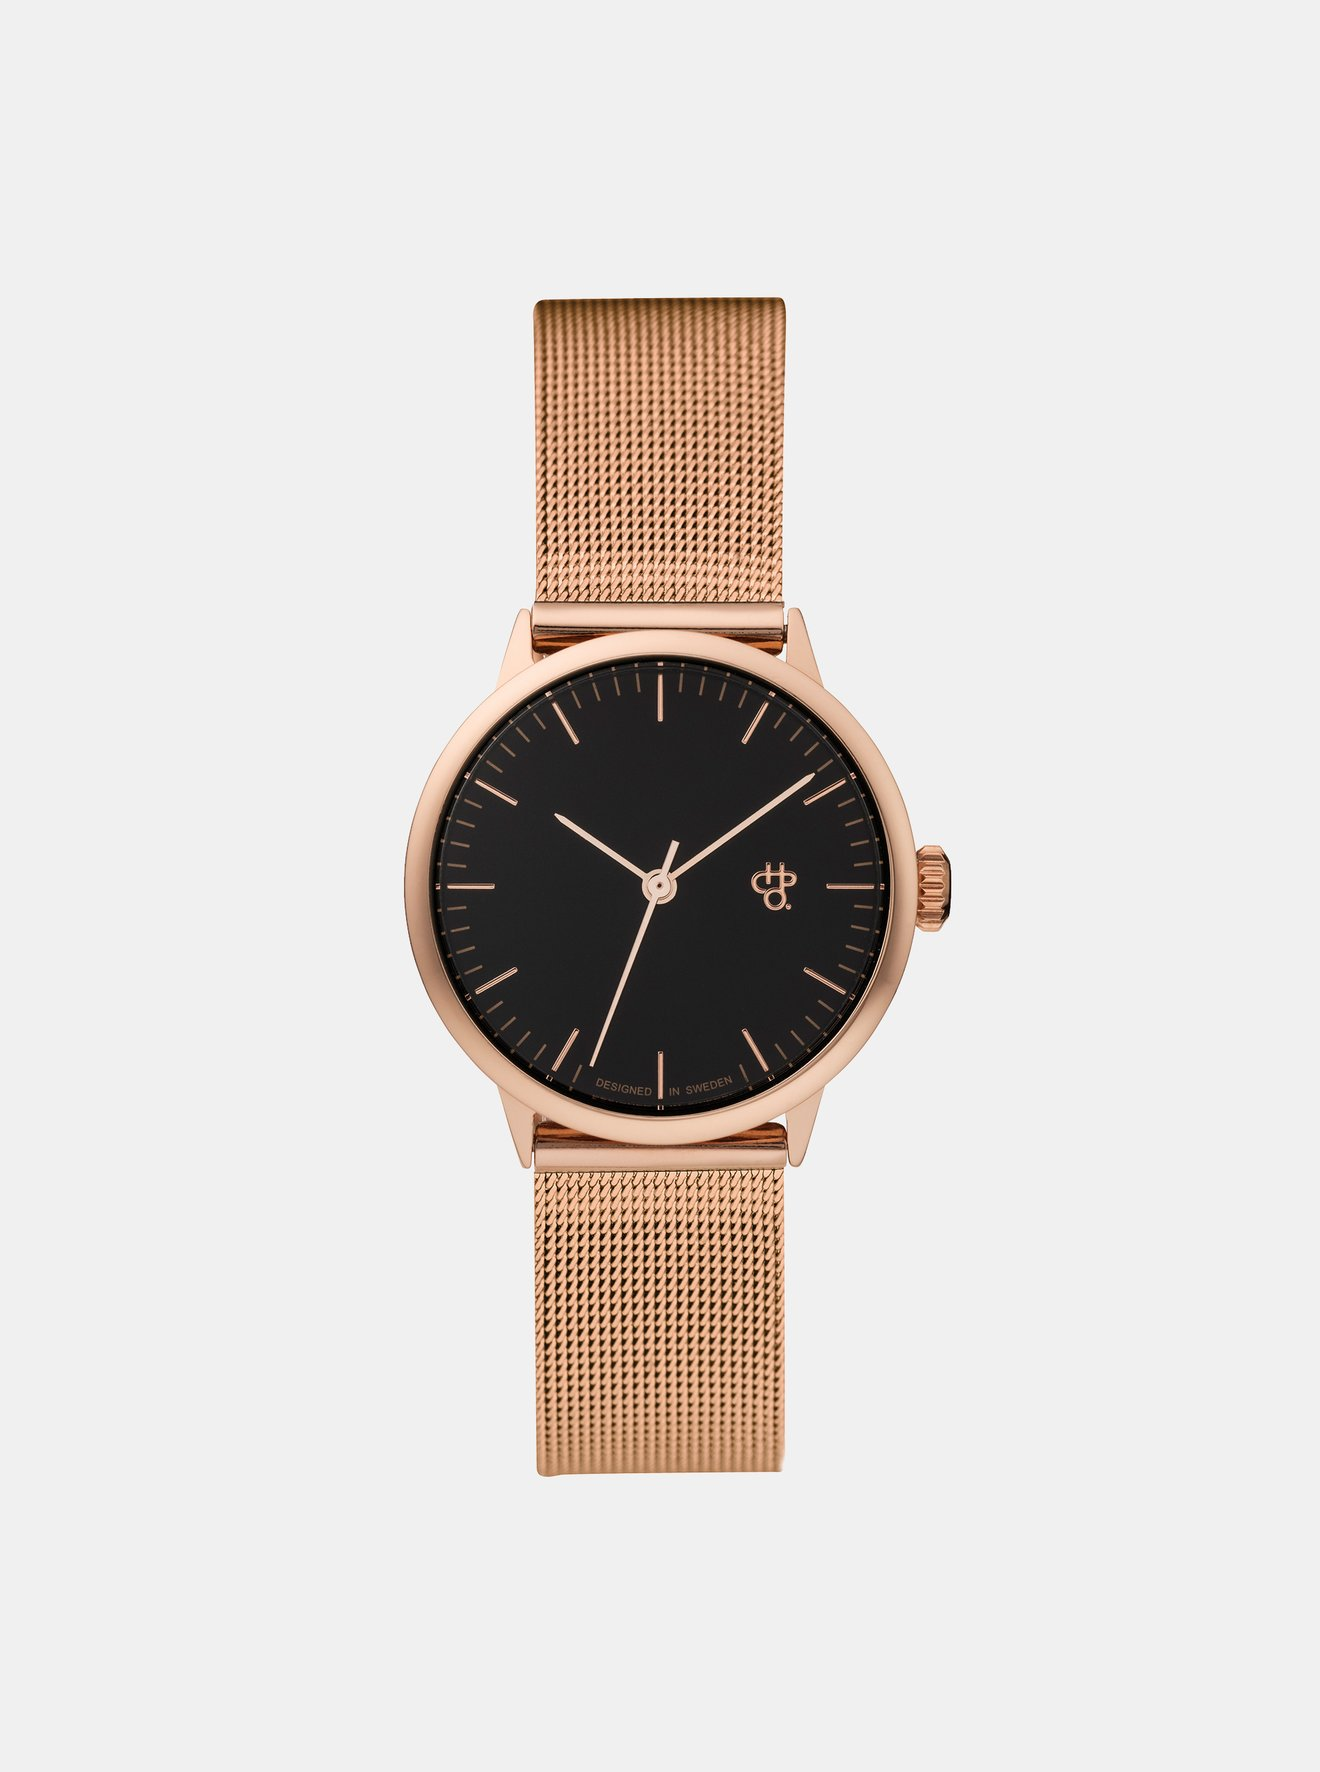 000ebd320 Dámské hodinky s kovovým páskem v růžovozlaté barvě CHPO Nando mini